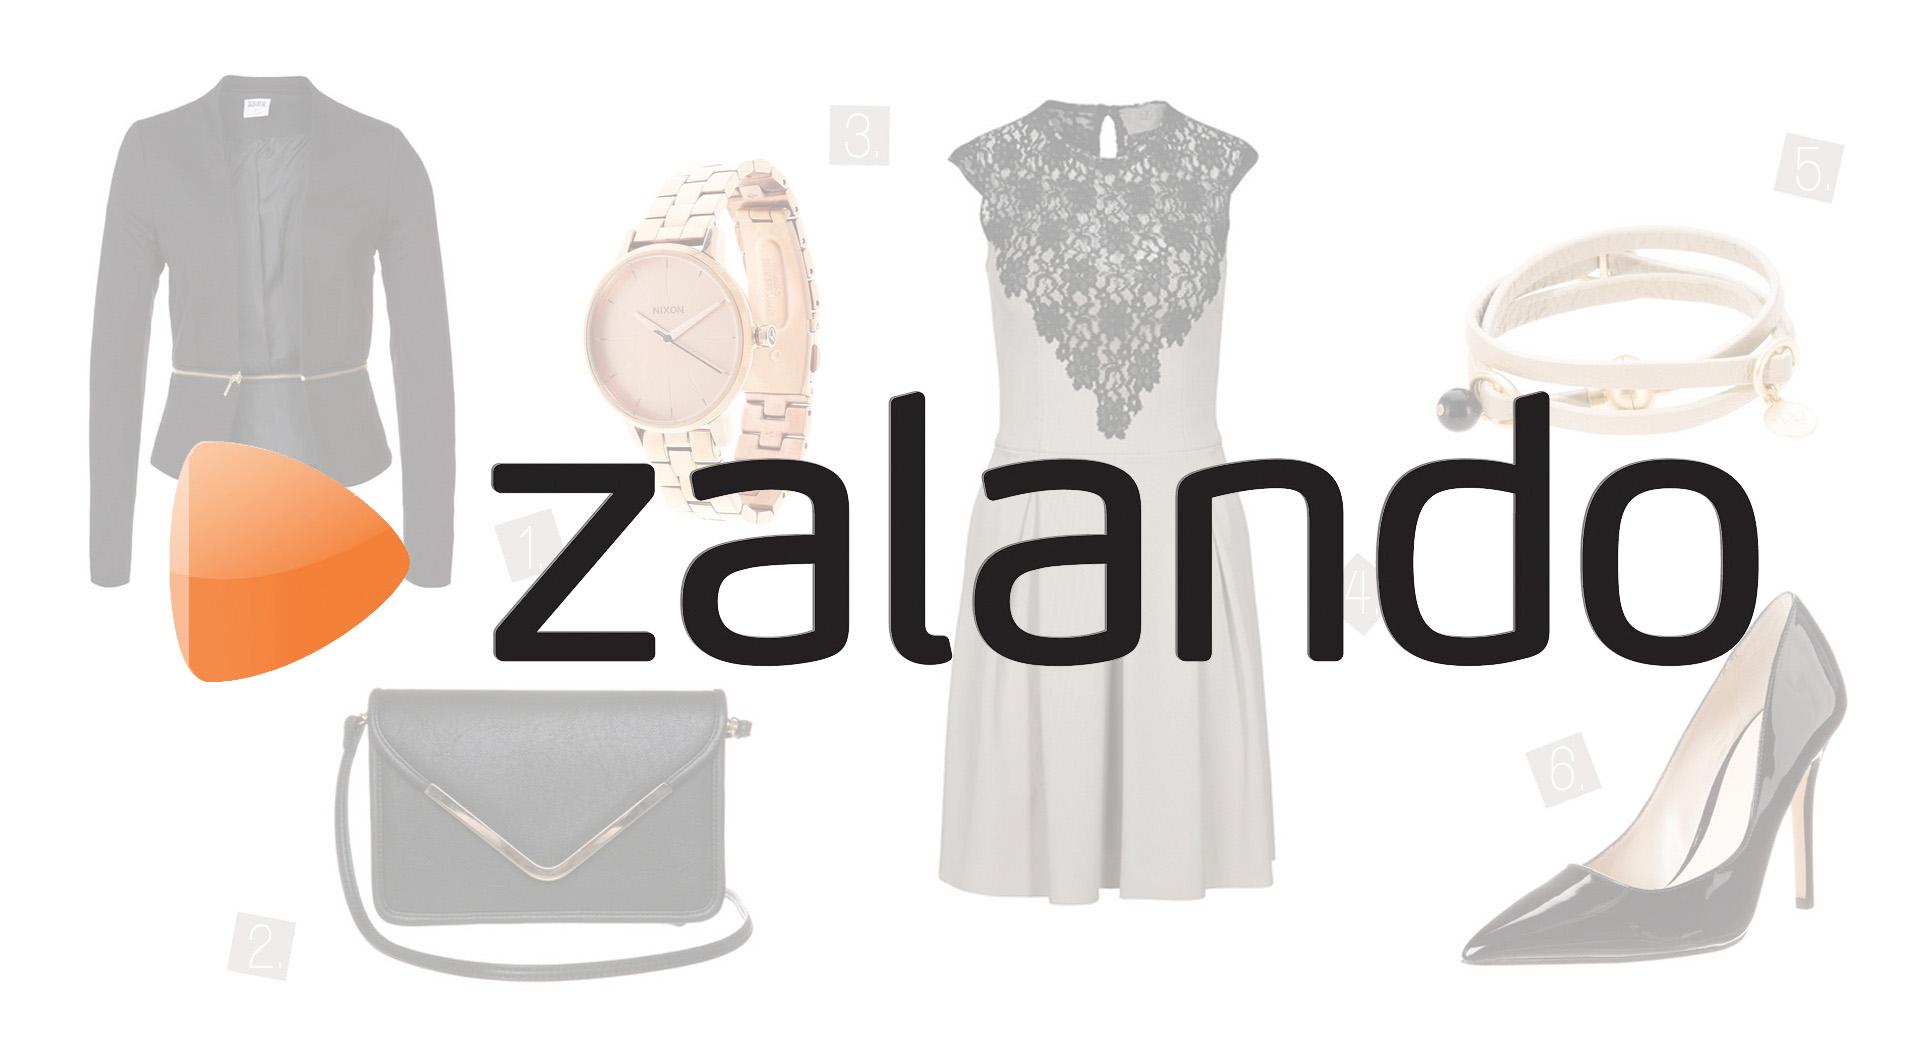 Zalando propone outfit personali grazie al machine learning